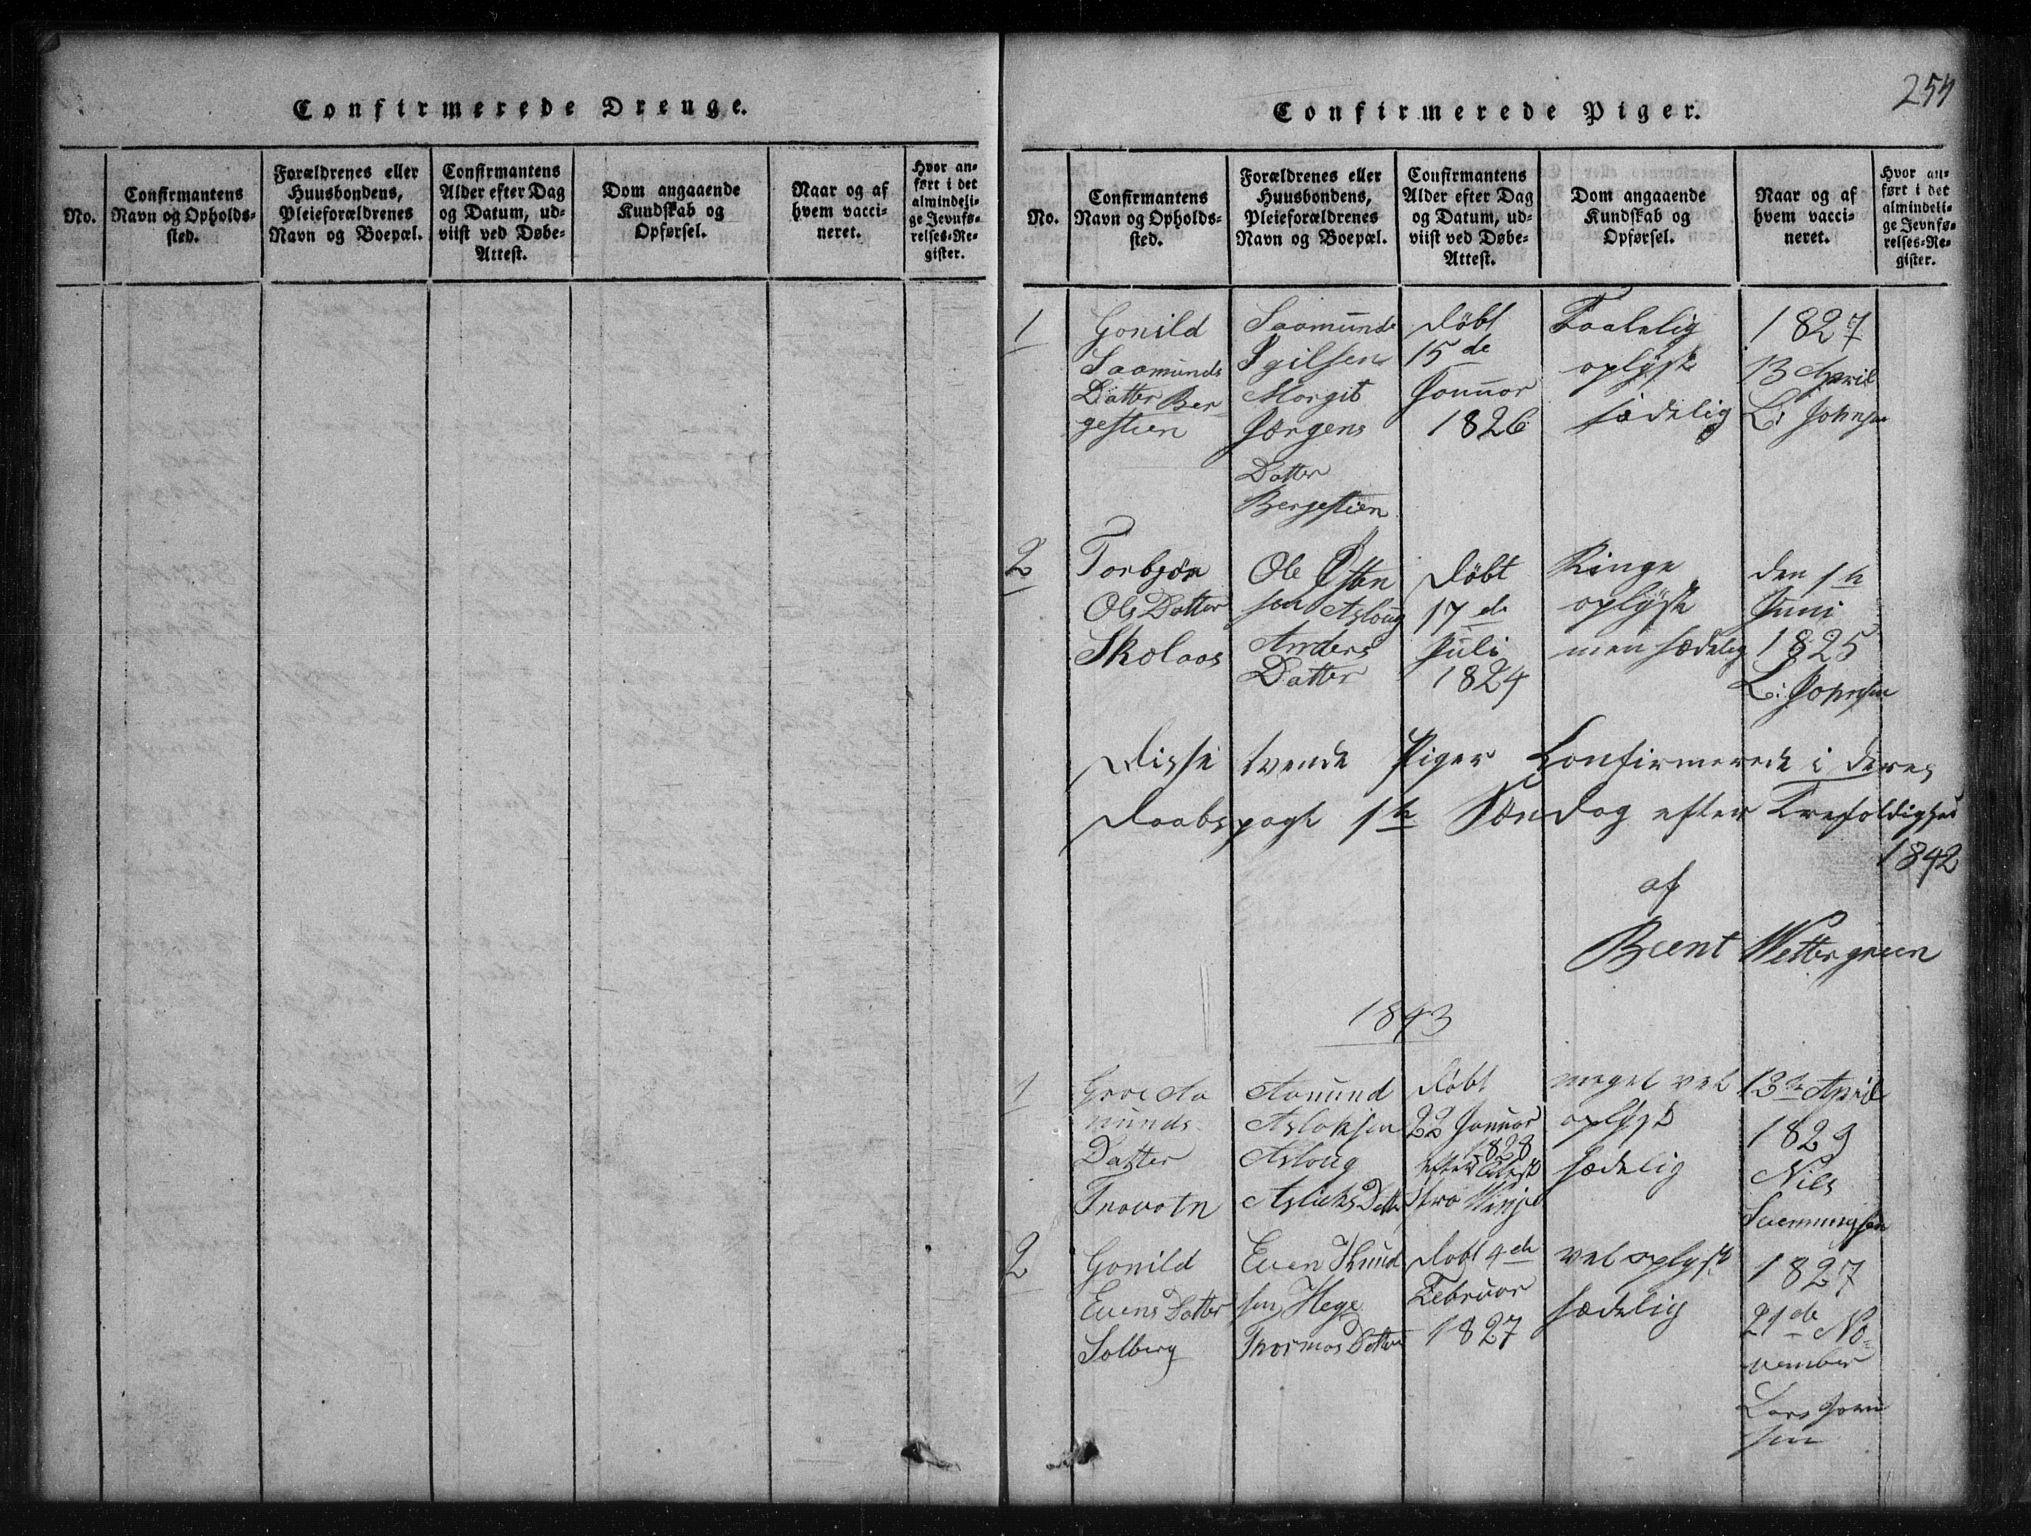 SAKO, Rauland kirkebøker, G/Gb/L0001: Klokkerbok nr. II 1, 1815-1886, s. 254